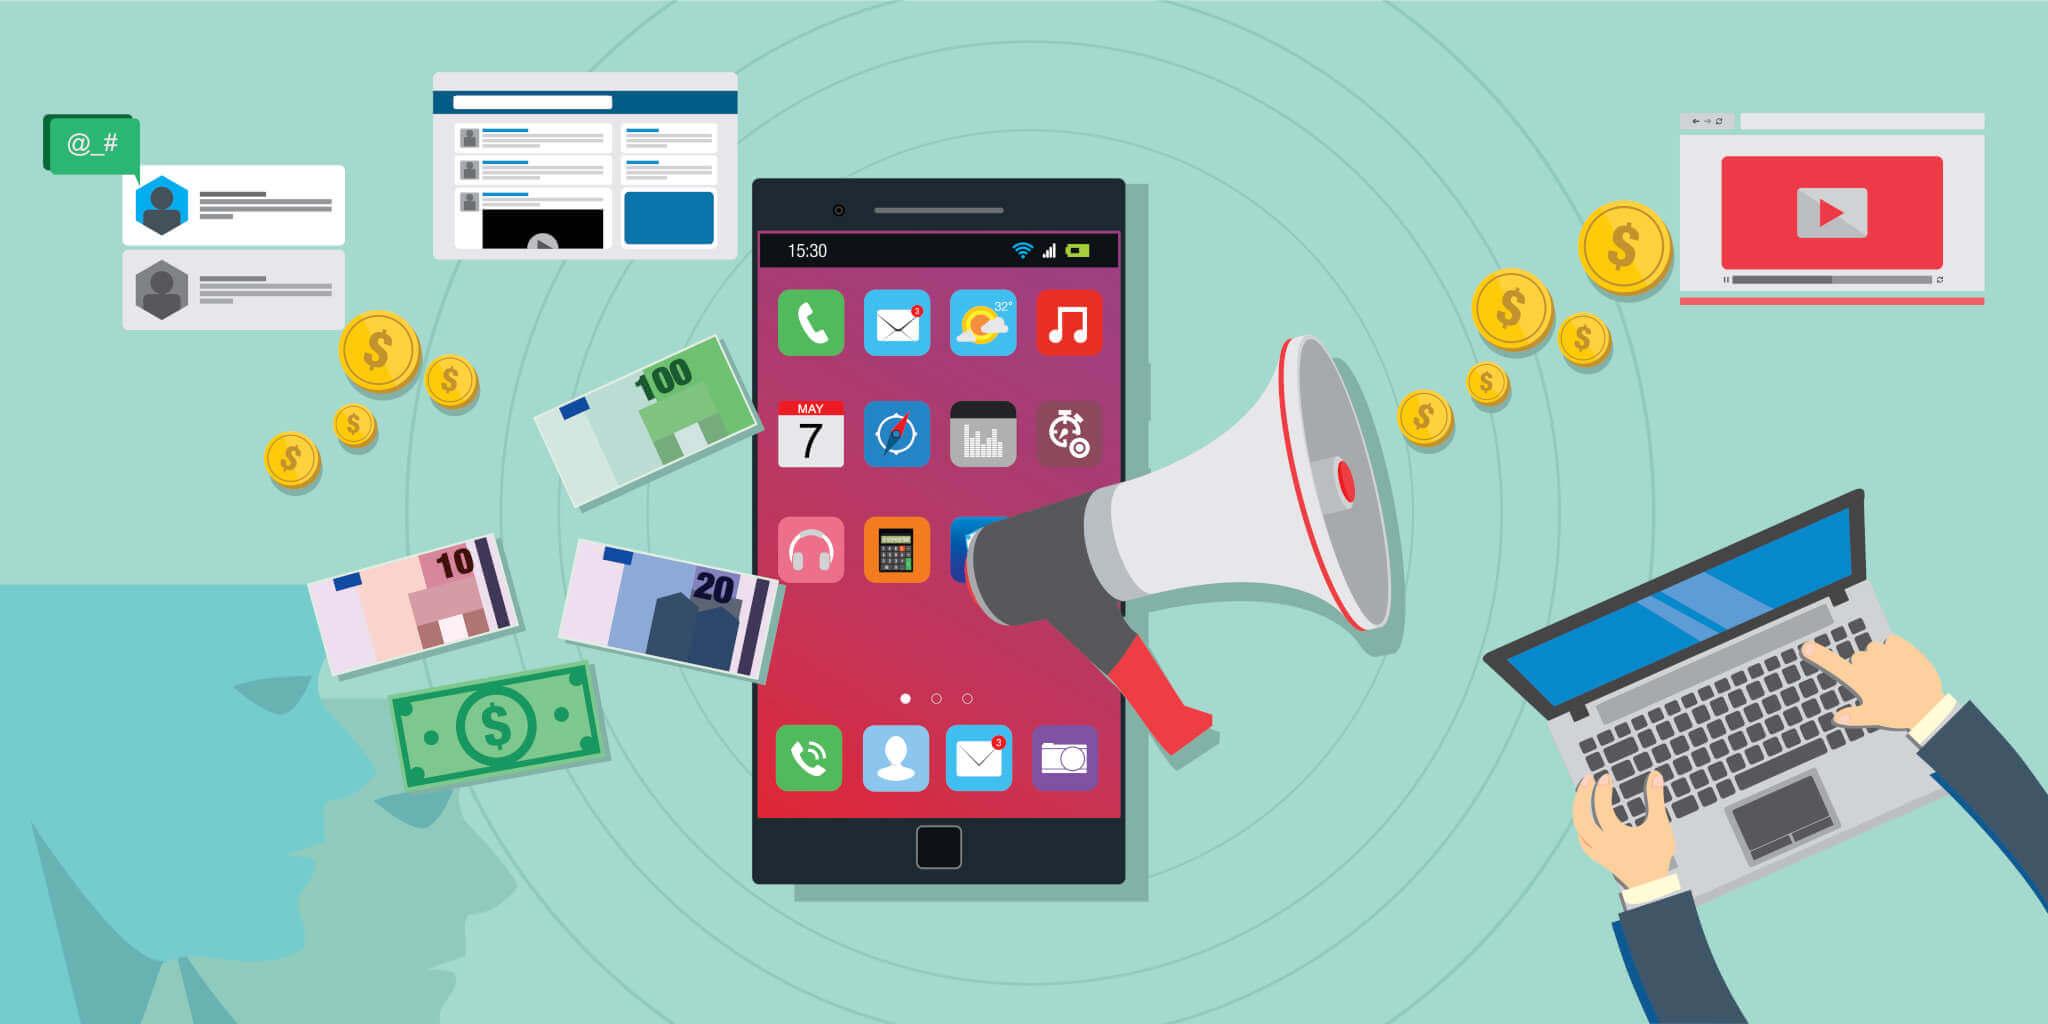 digital marketing career growth - paid media